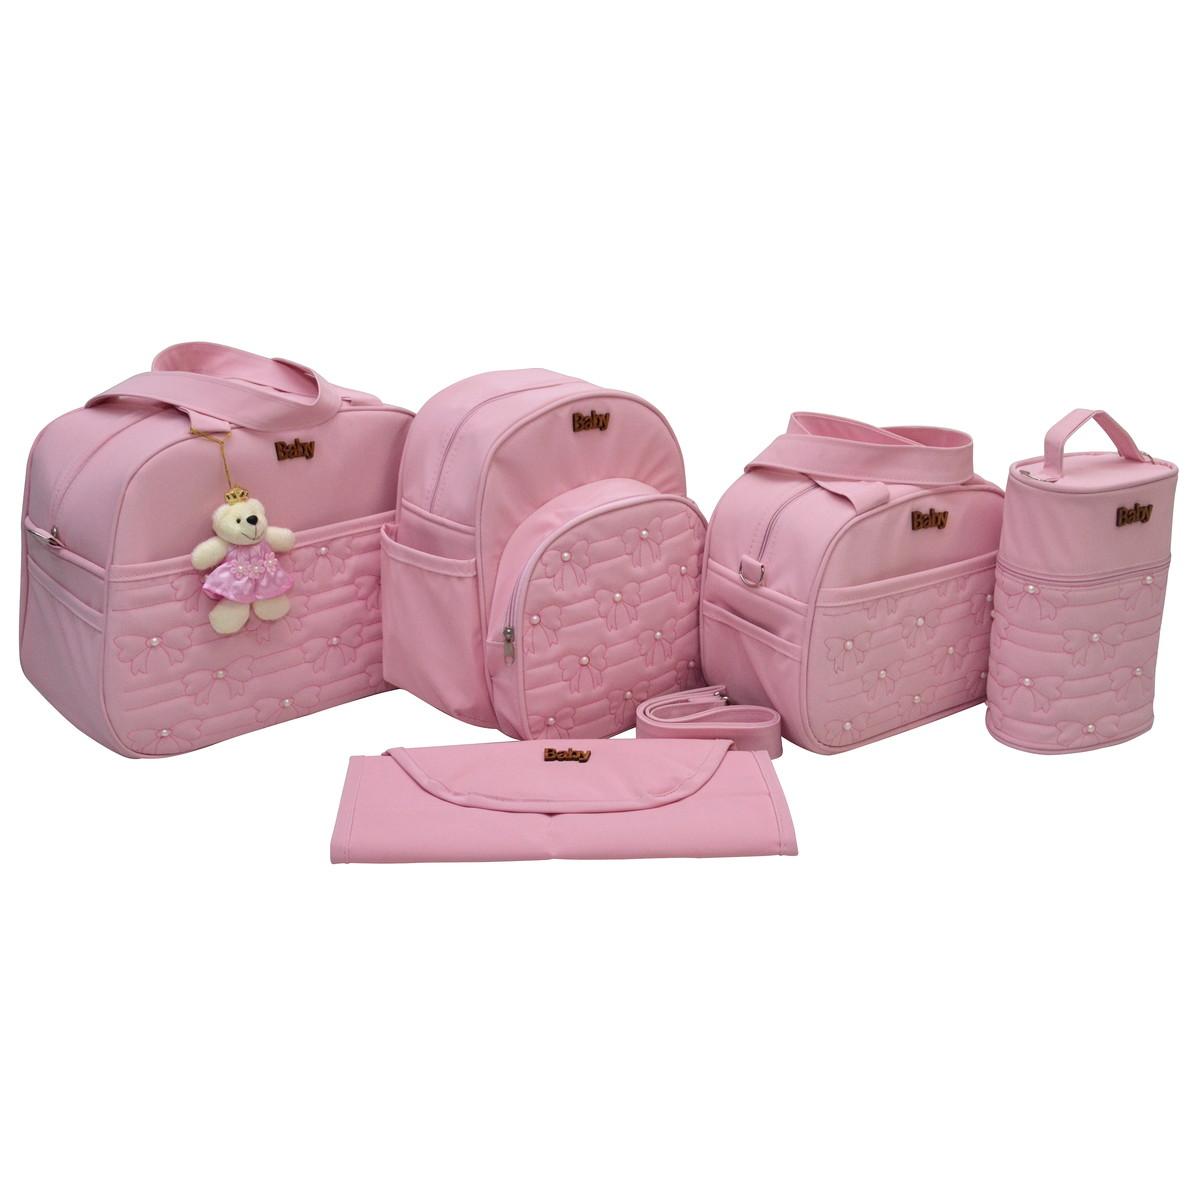 a89f27f10 Kit bolsa maternidade feminino 5 peças - LUXO no Elo7 | Baby Bolsas ...